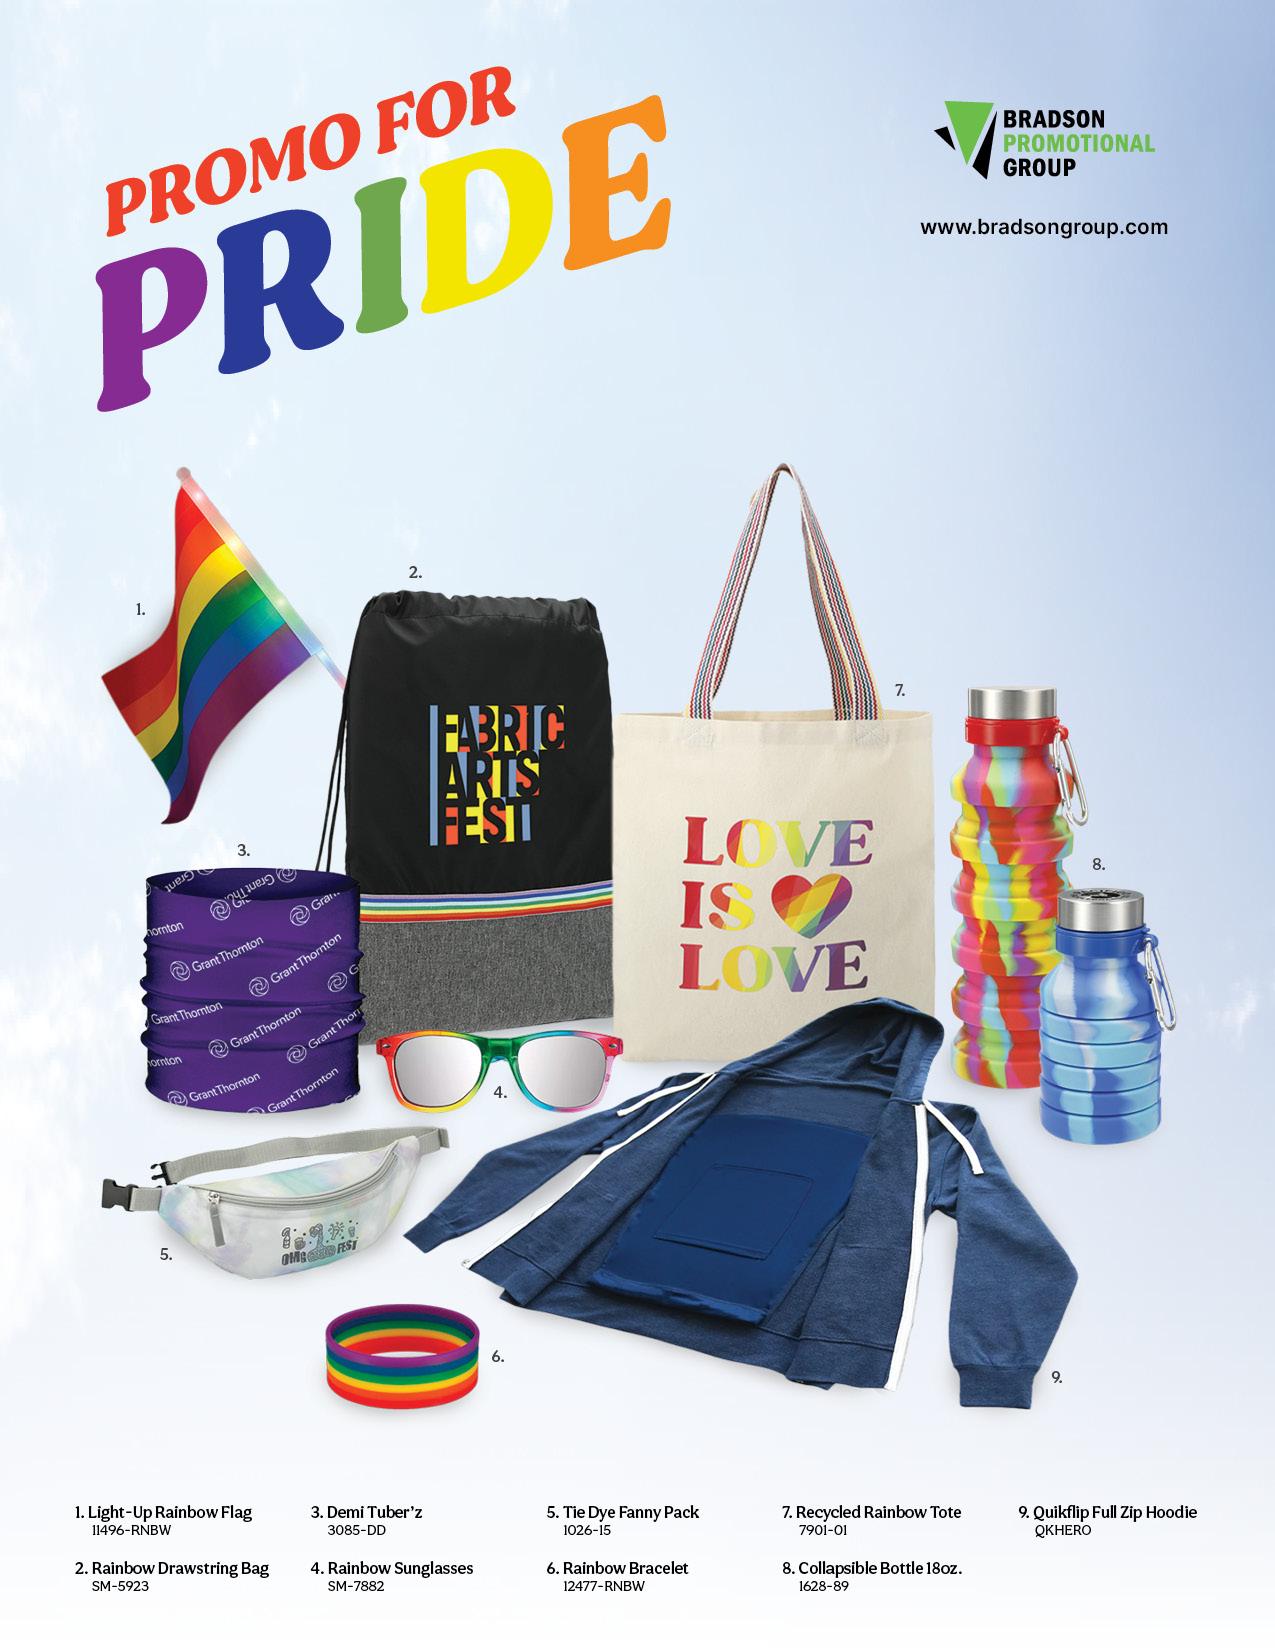 Promo for Pride